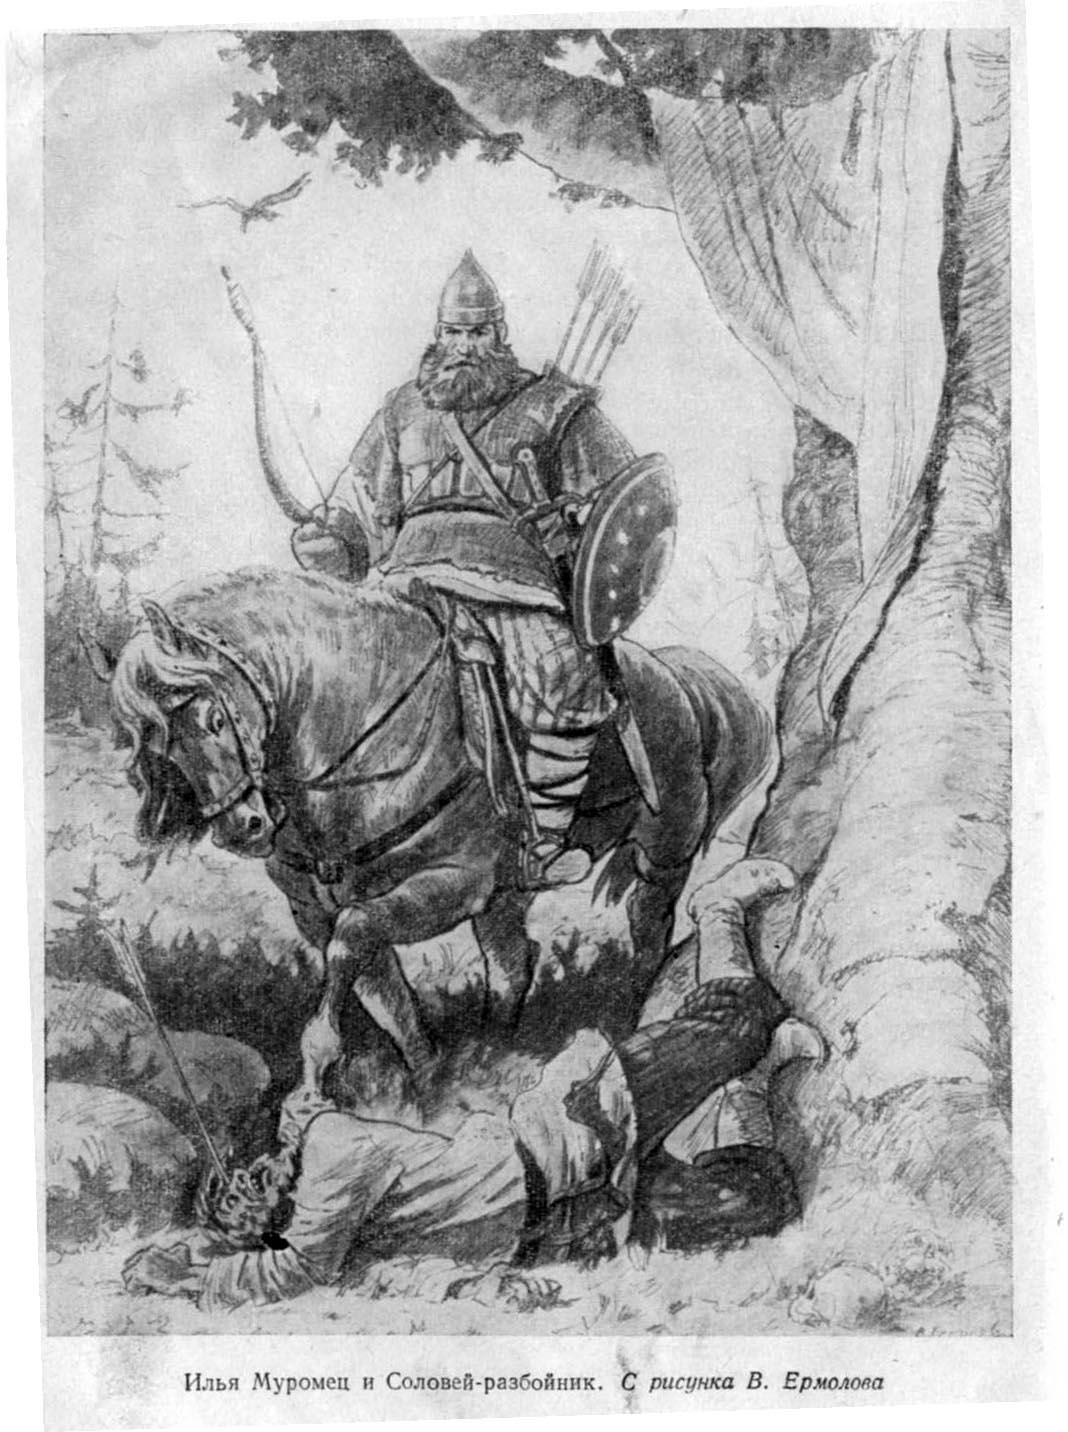 ilya-muromec-isolovej-razbojnik-literatura-4